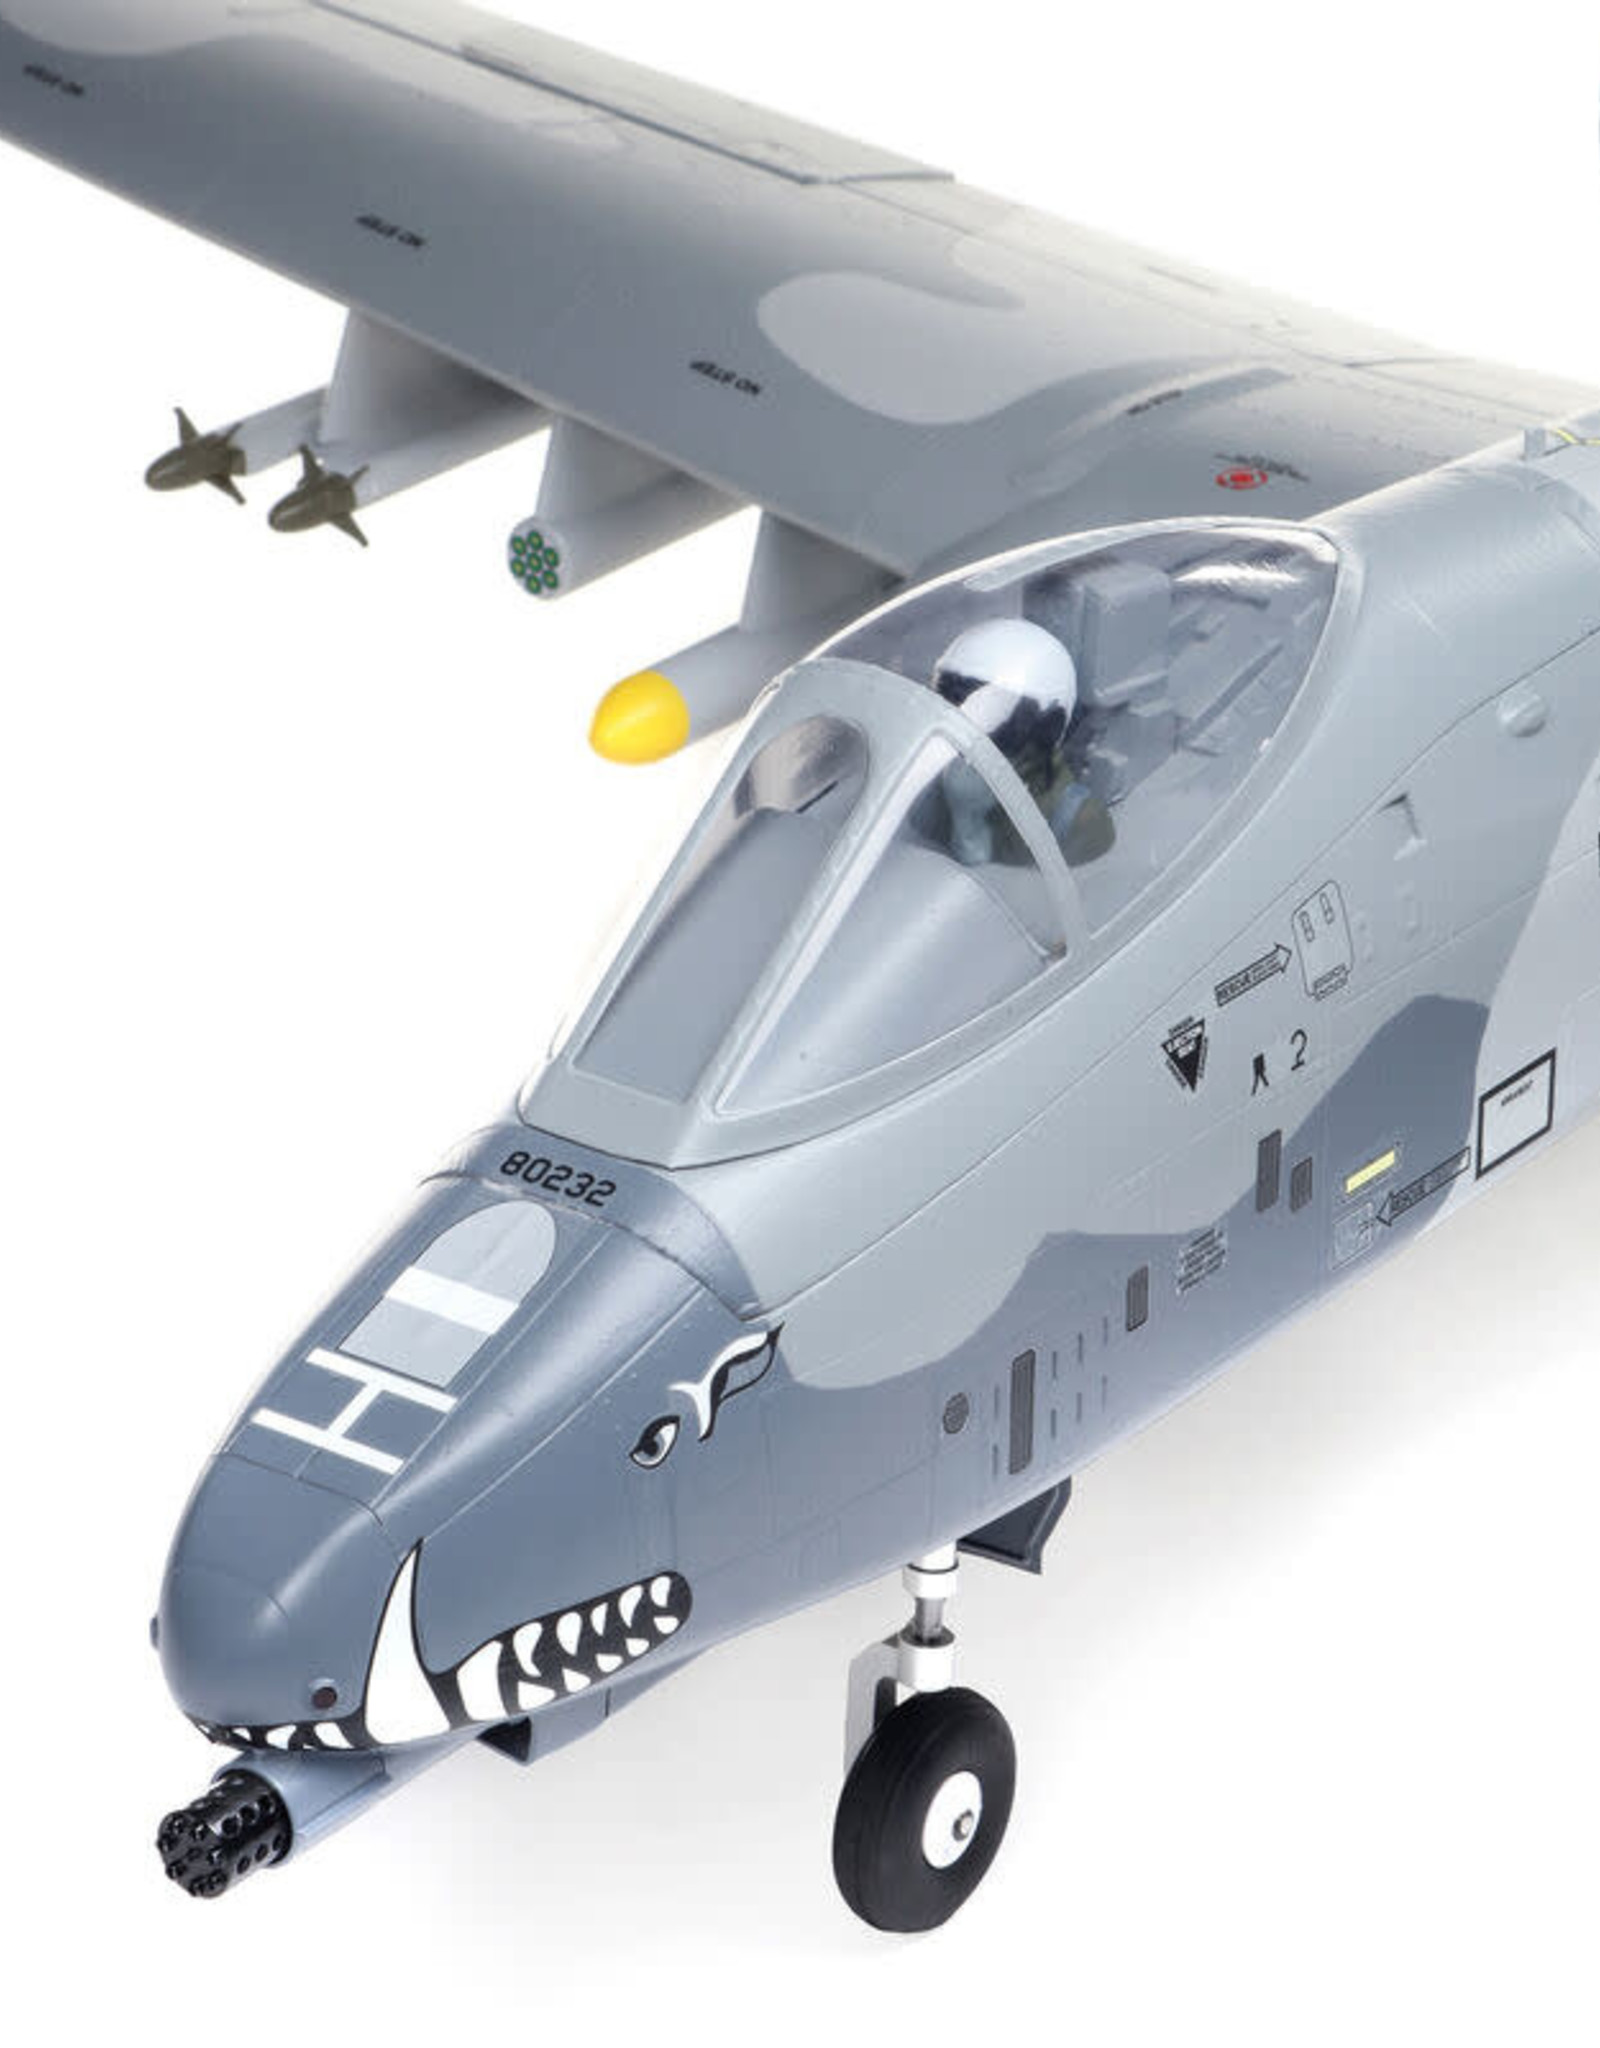 EFL EFL01150A-10 Thunderbolt II 64mm EDF BNF Basic AS3X w/SAFE